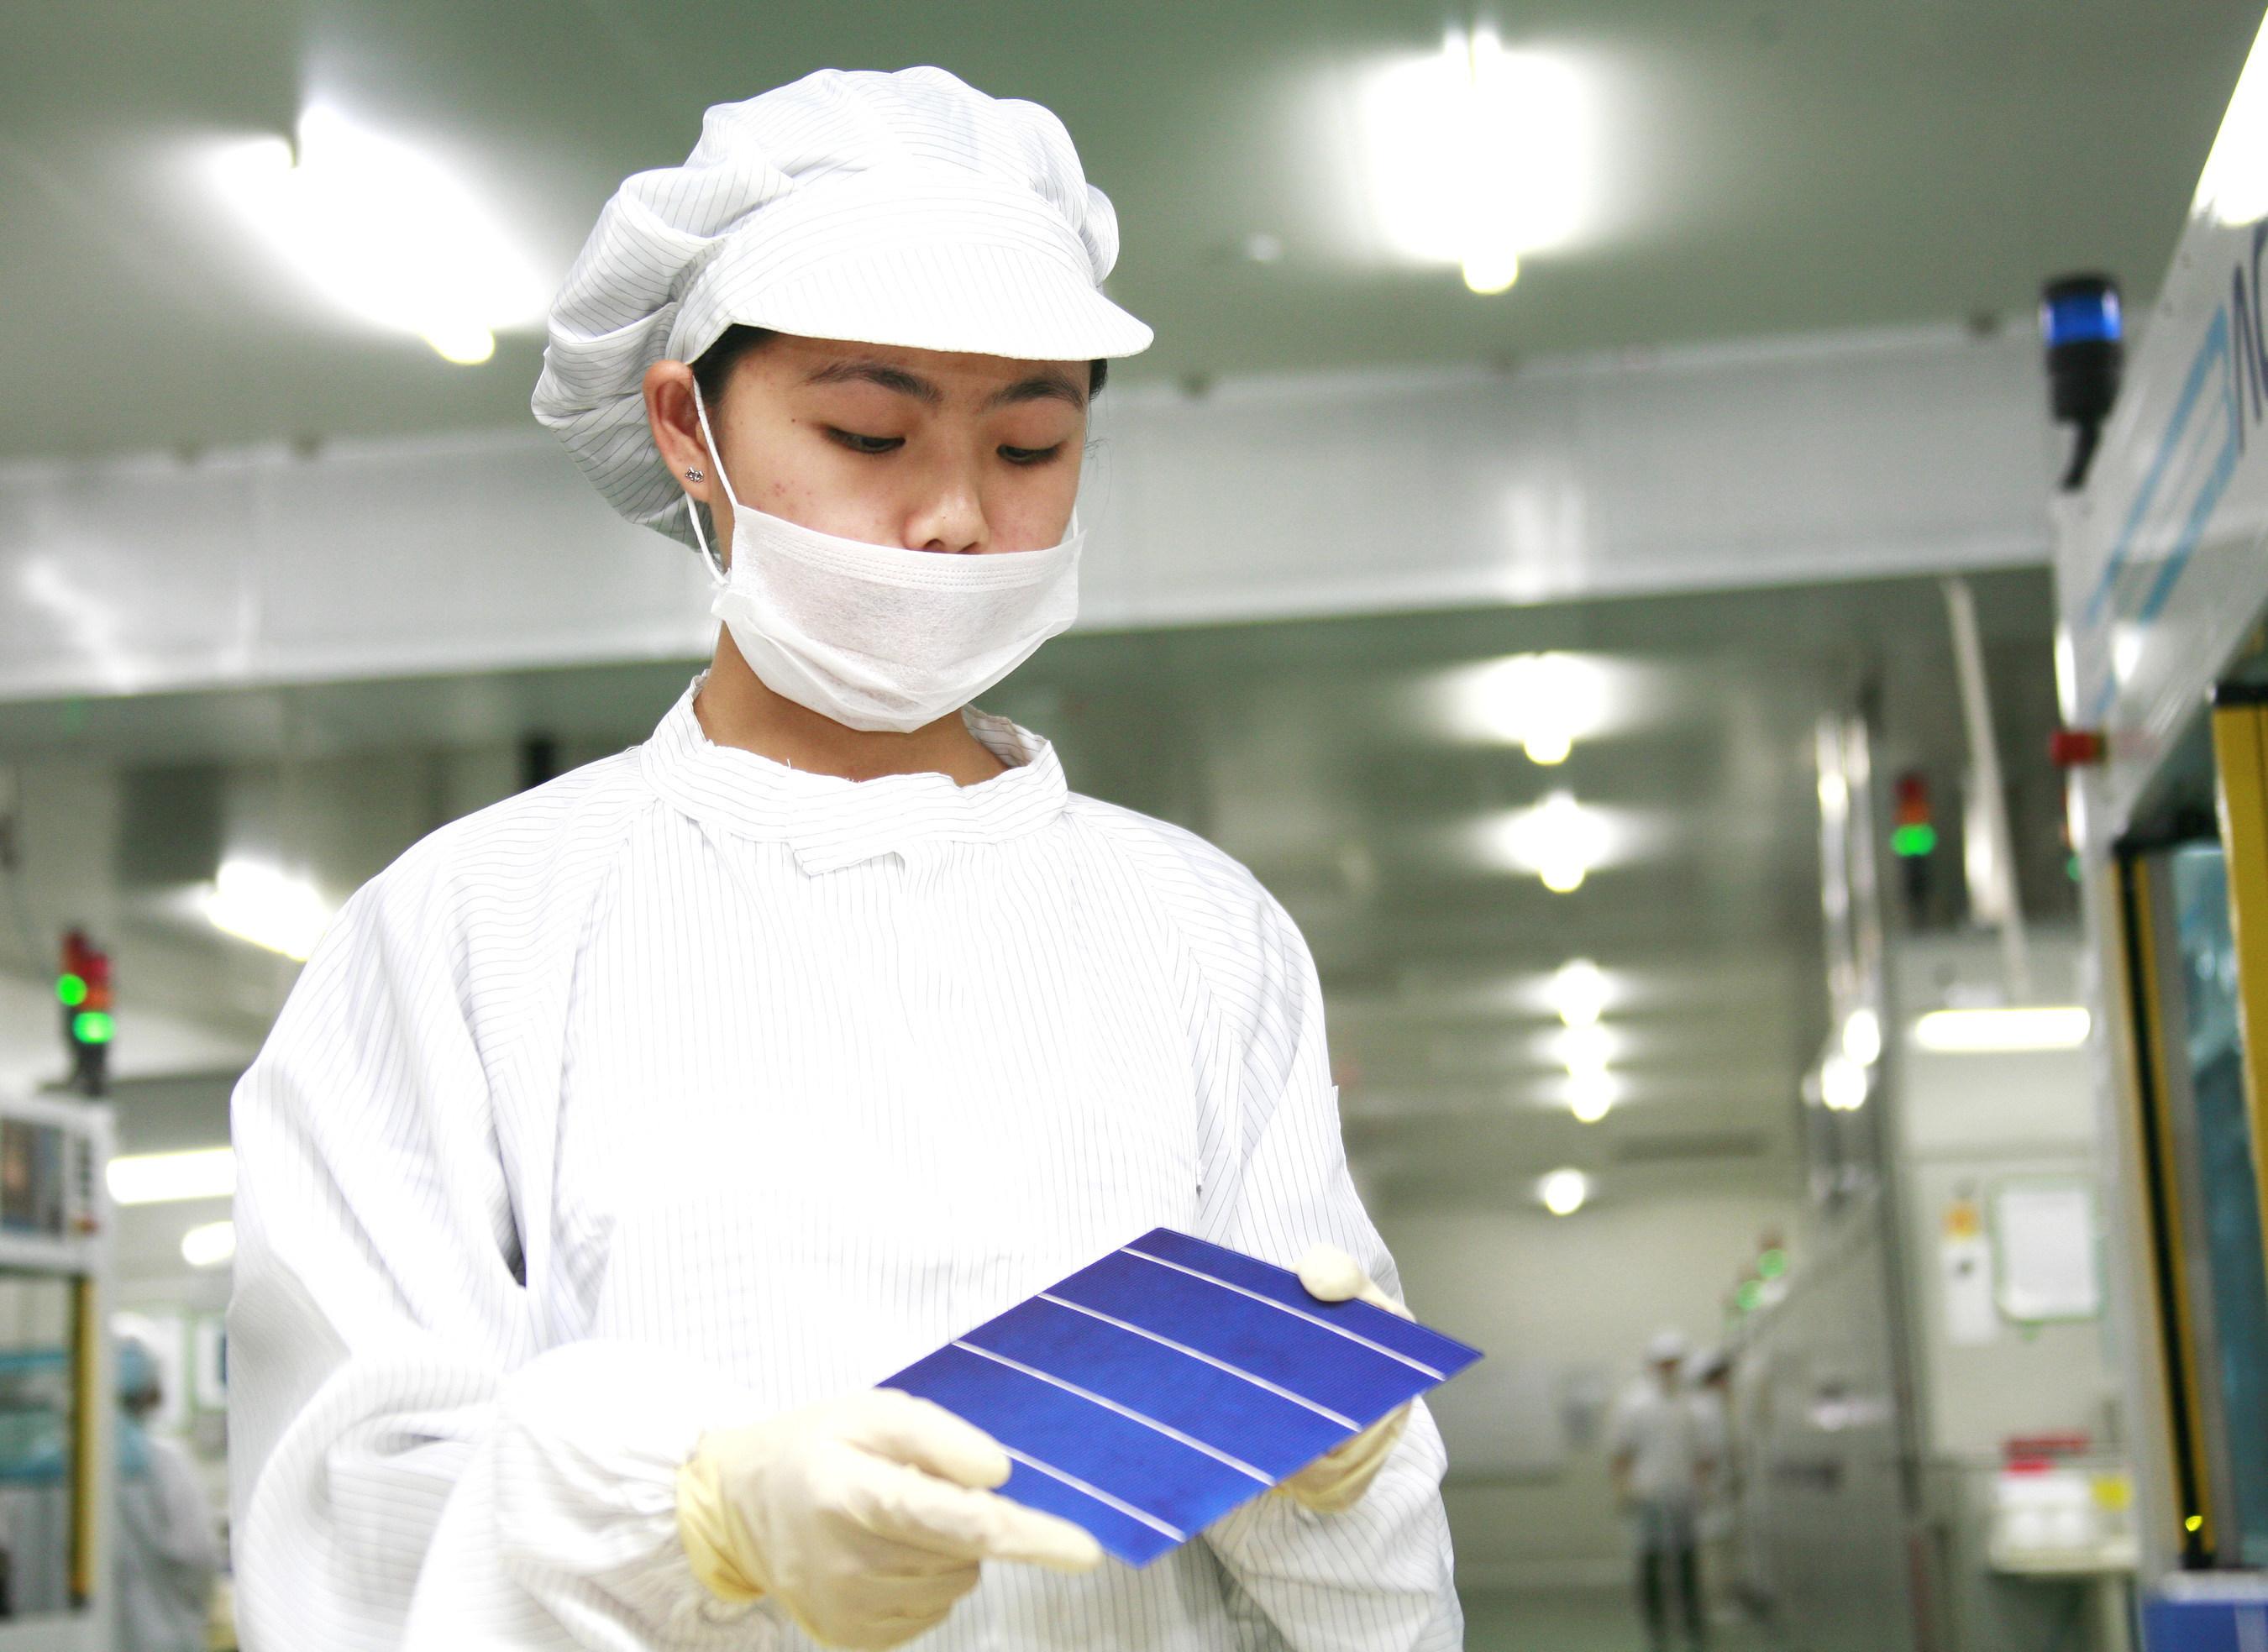 Suntech Solarzellen-Wirkungsgrad erreicht neue Spitzenleistung